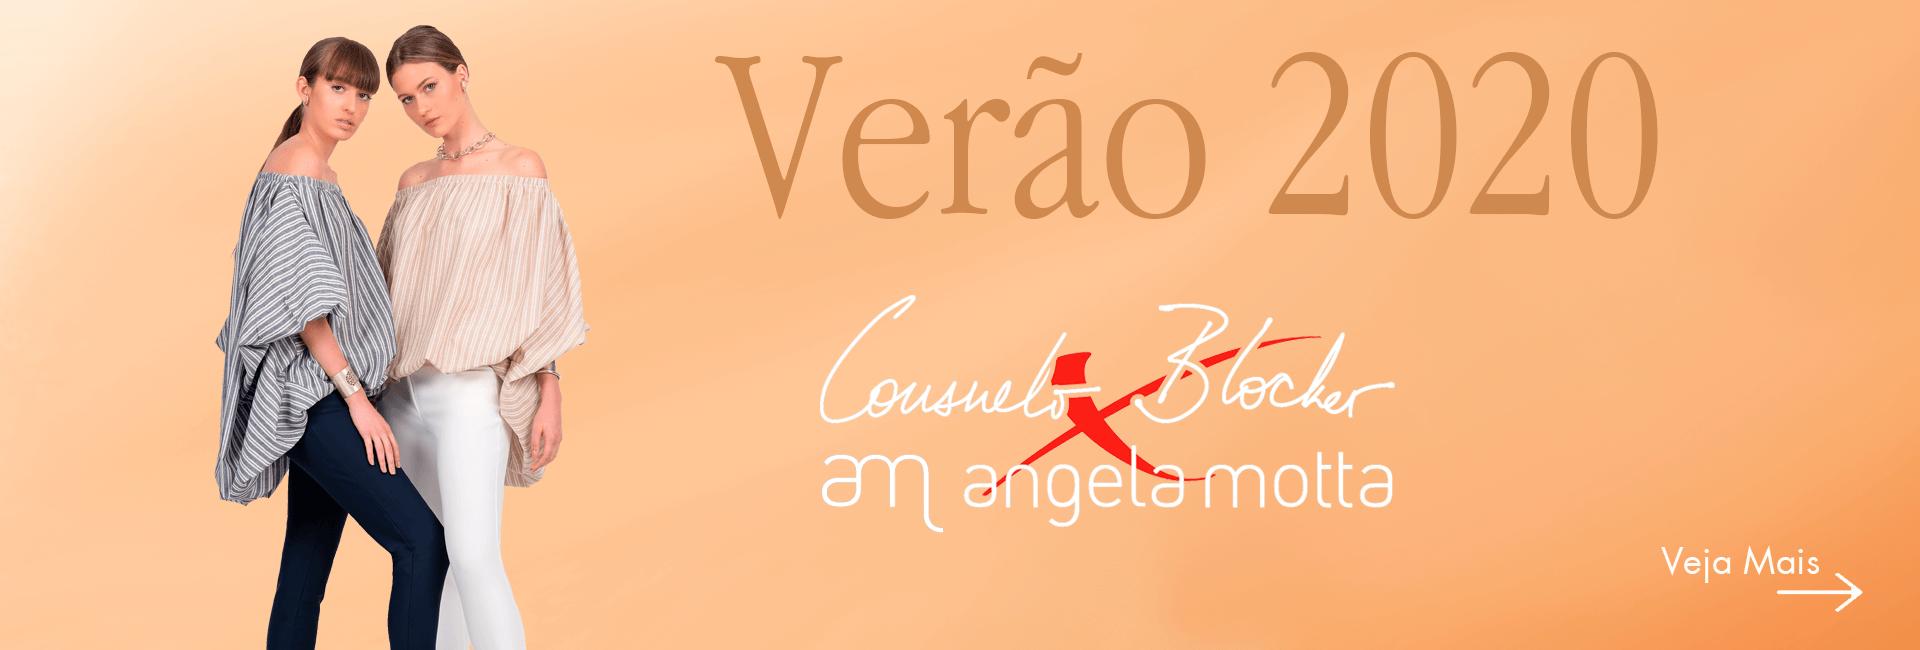 Verão 2020 - Cousuelo